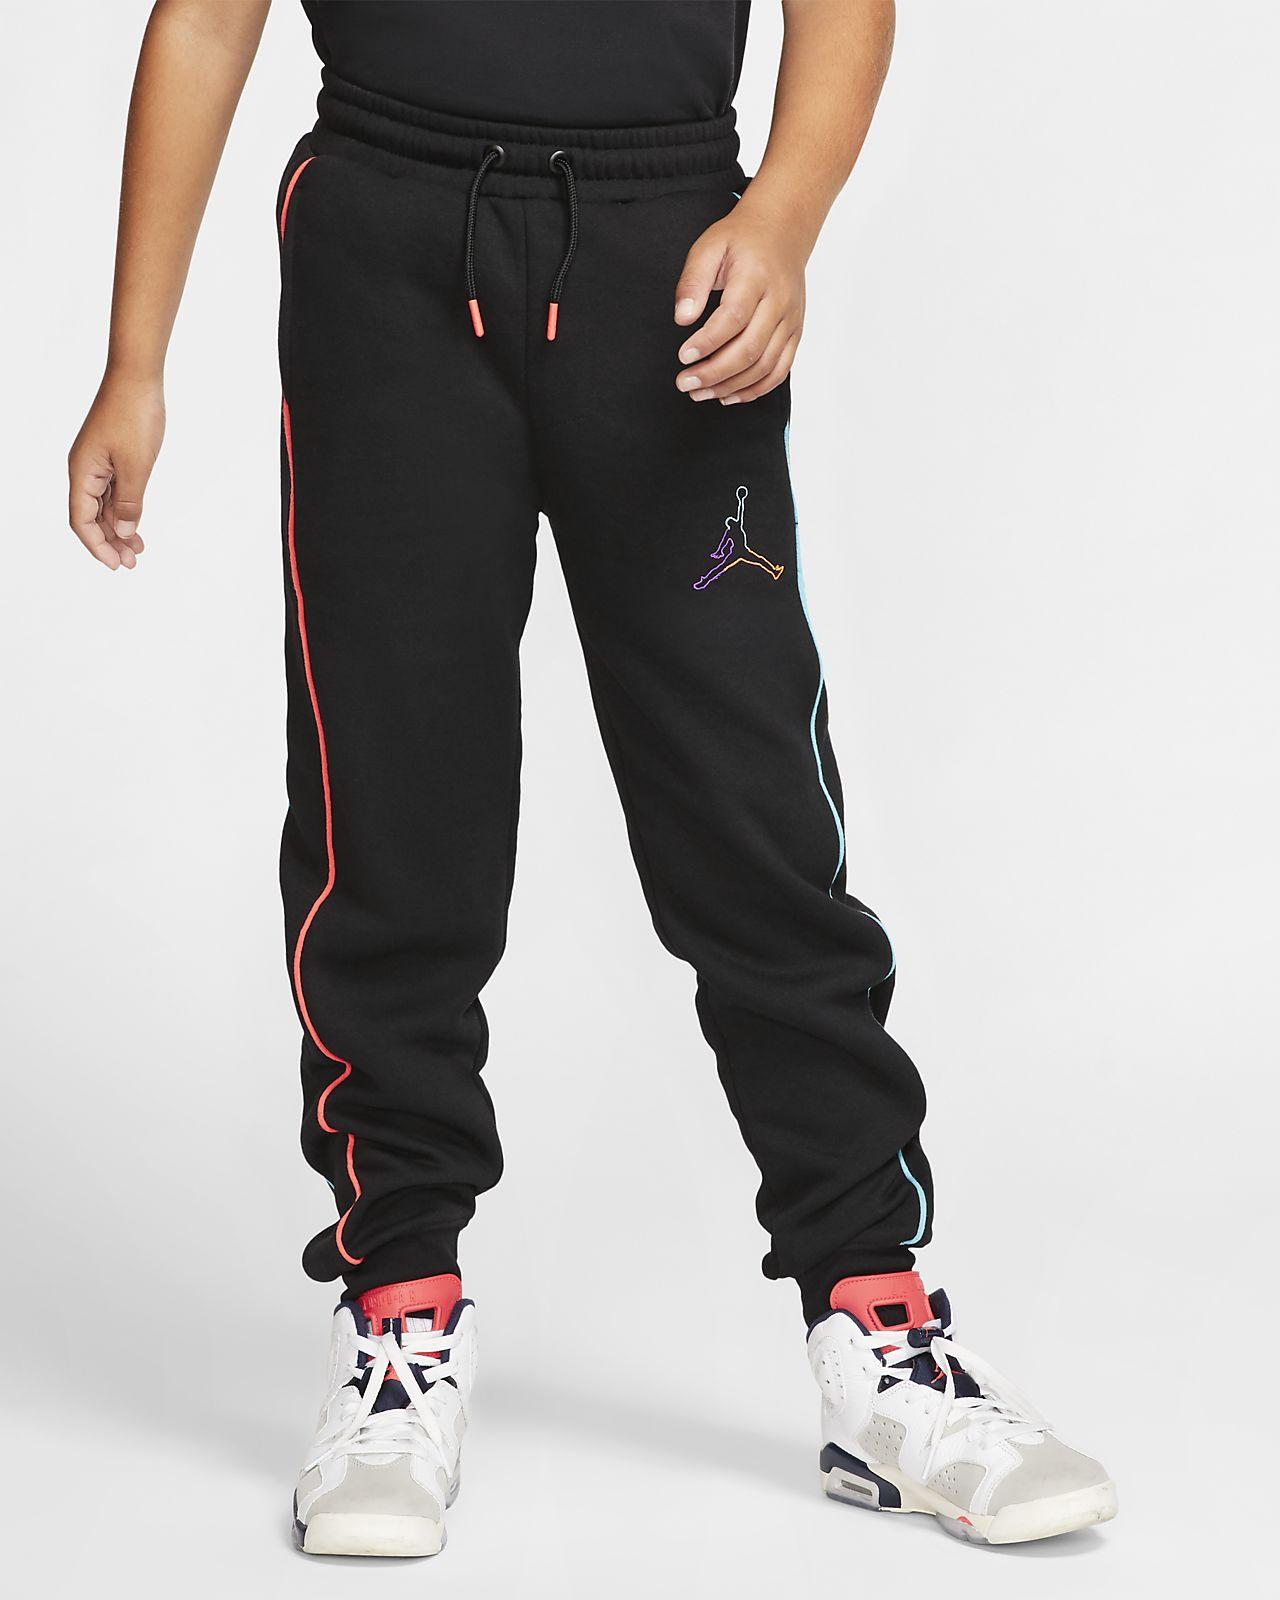 Air Jordan Cuffed 大童(男孩)长裤